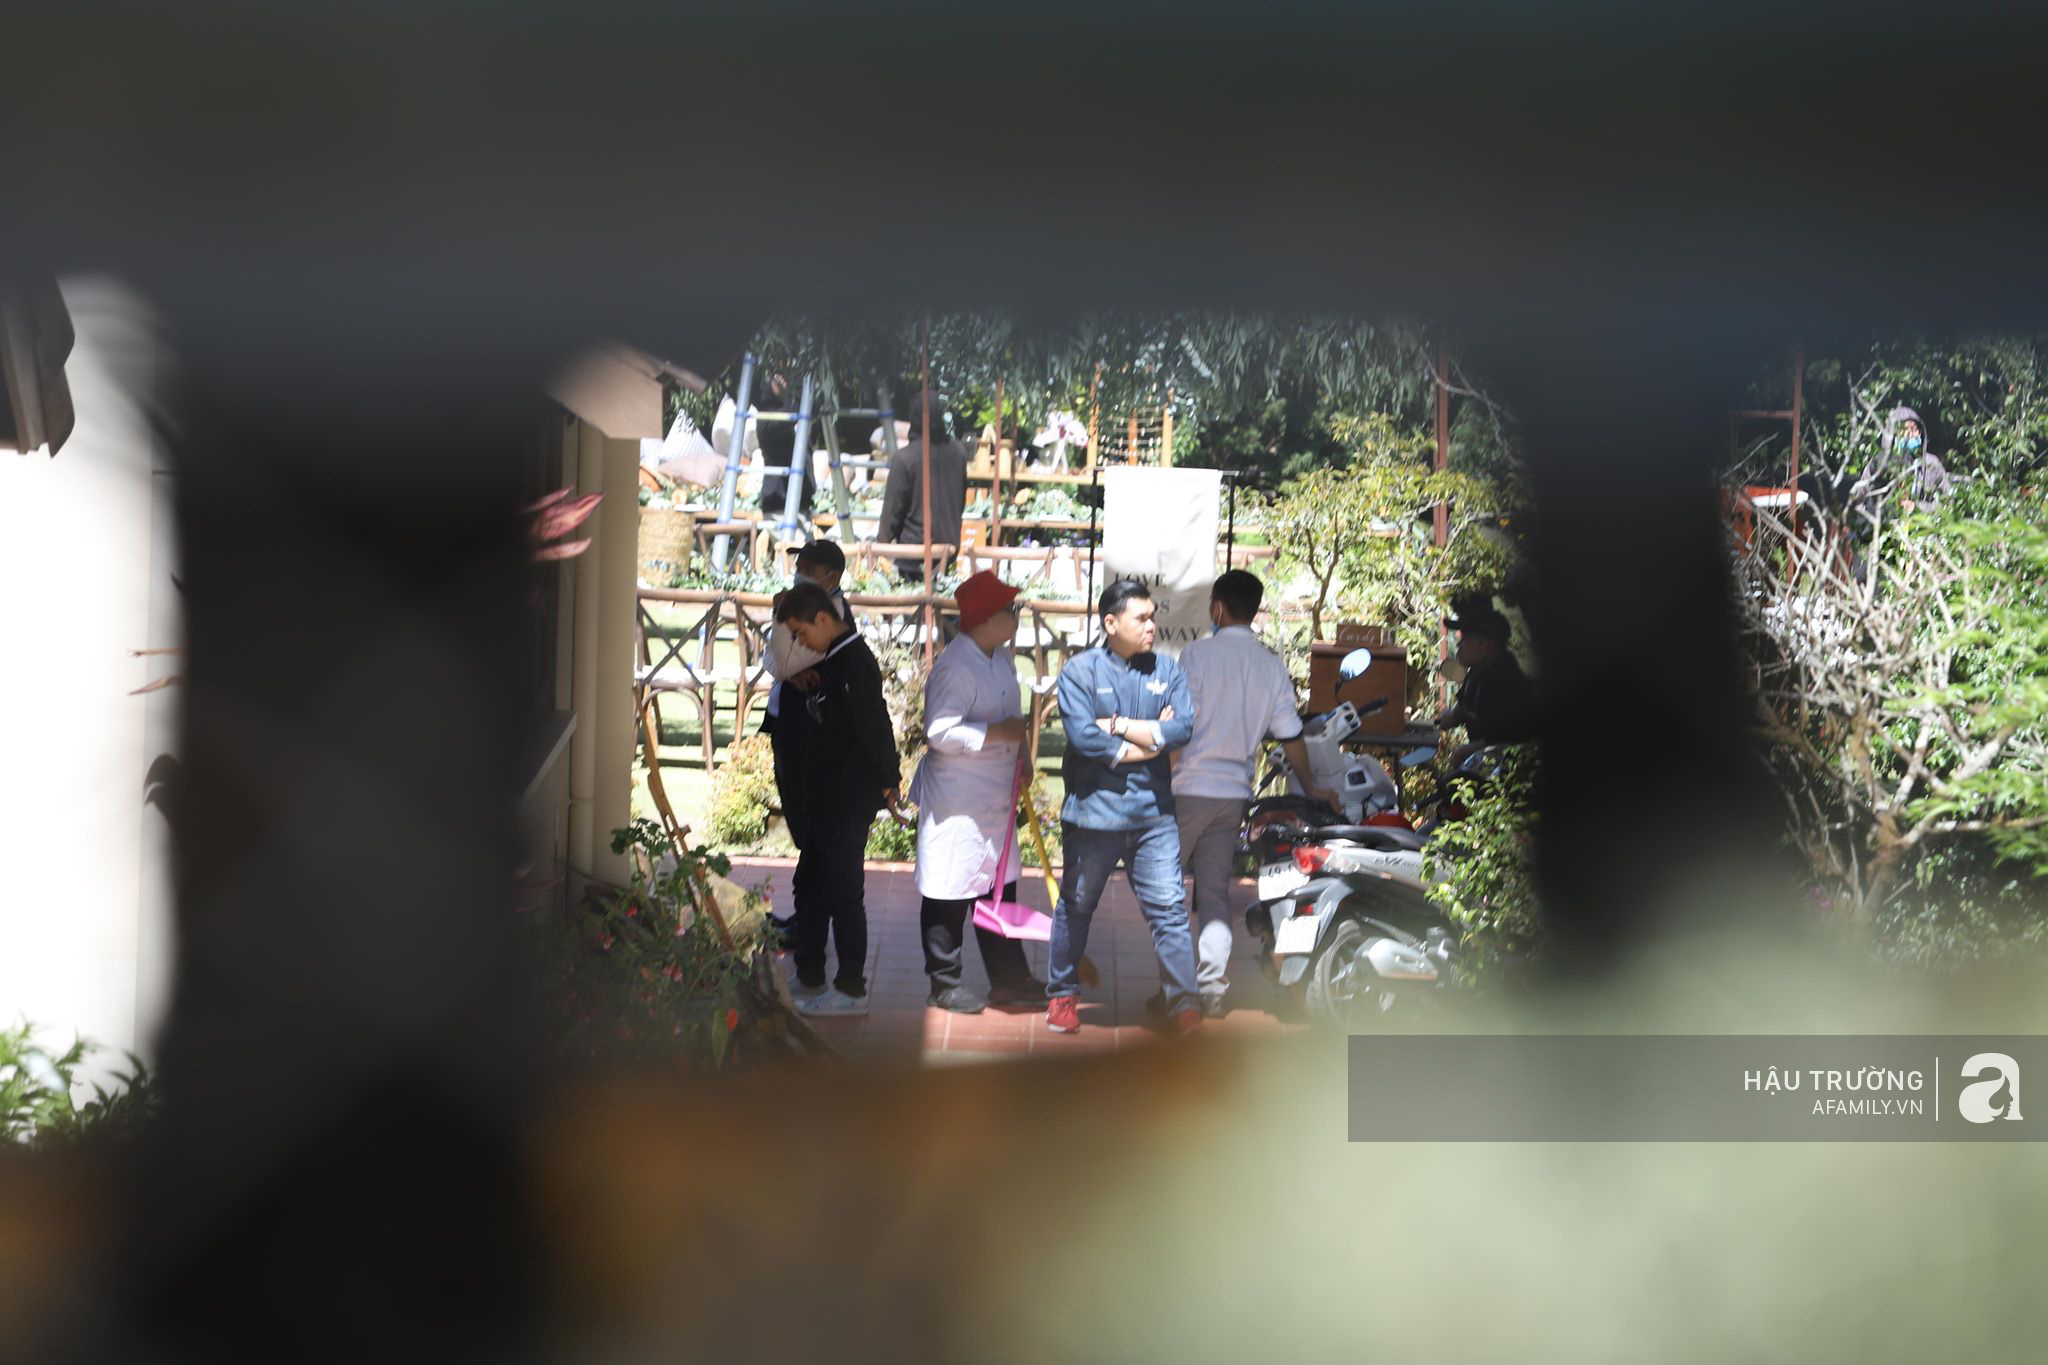 Đám cưới Tóc Tiên và Hoàng Touliver: Lộ hình cận mặt cô dâu chú rể, địa điểm tổ chức tiệc cưới đang trong quá trình trang trí - Ảnh 14.